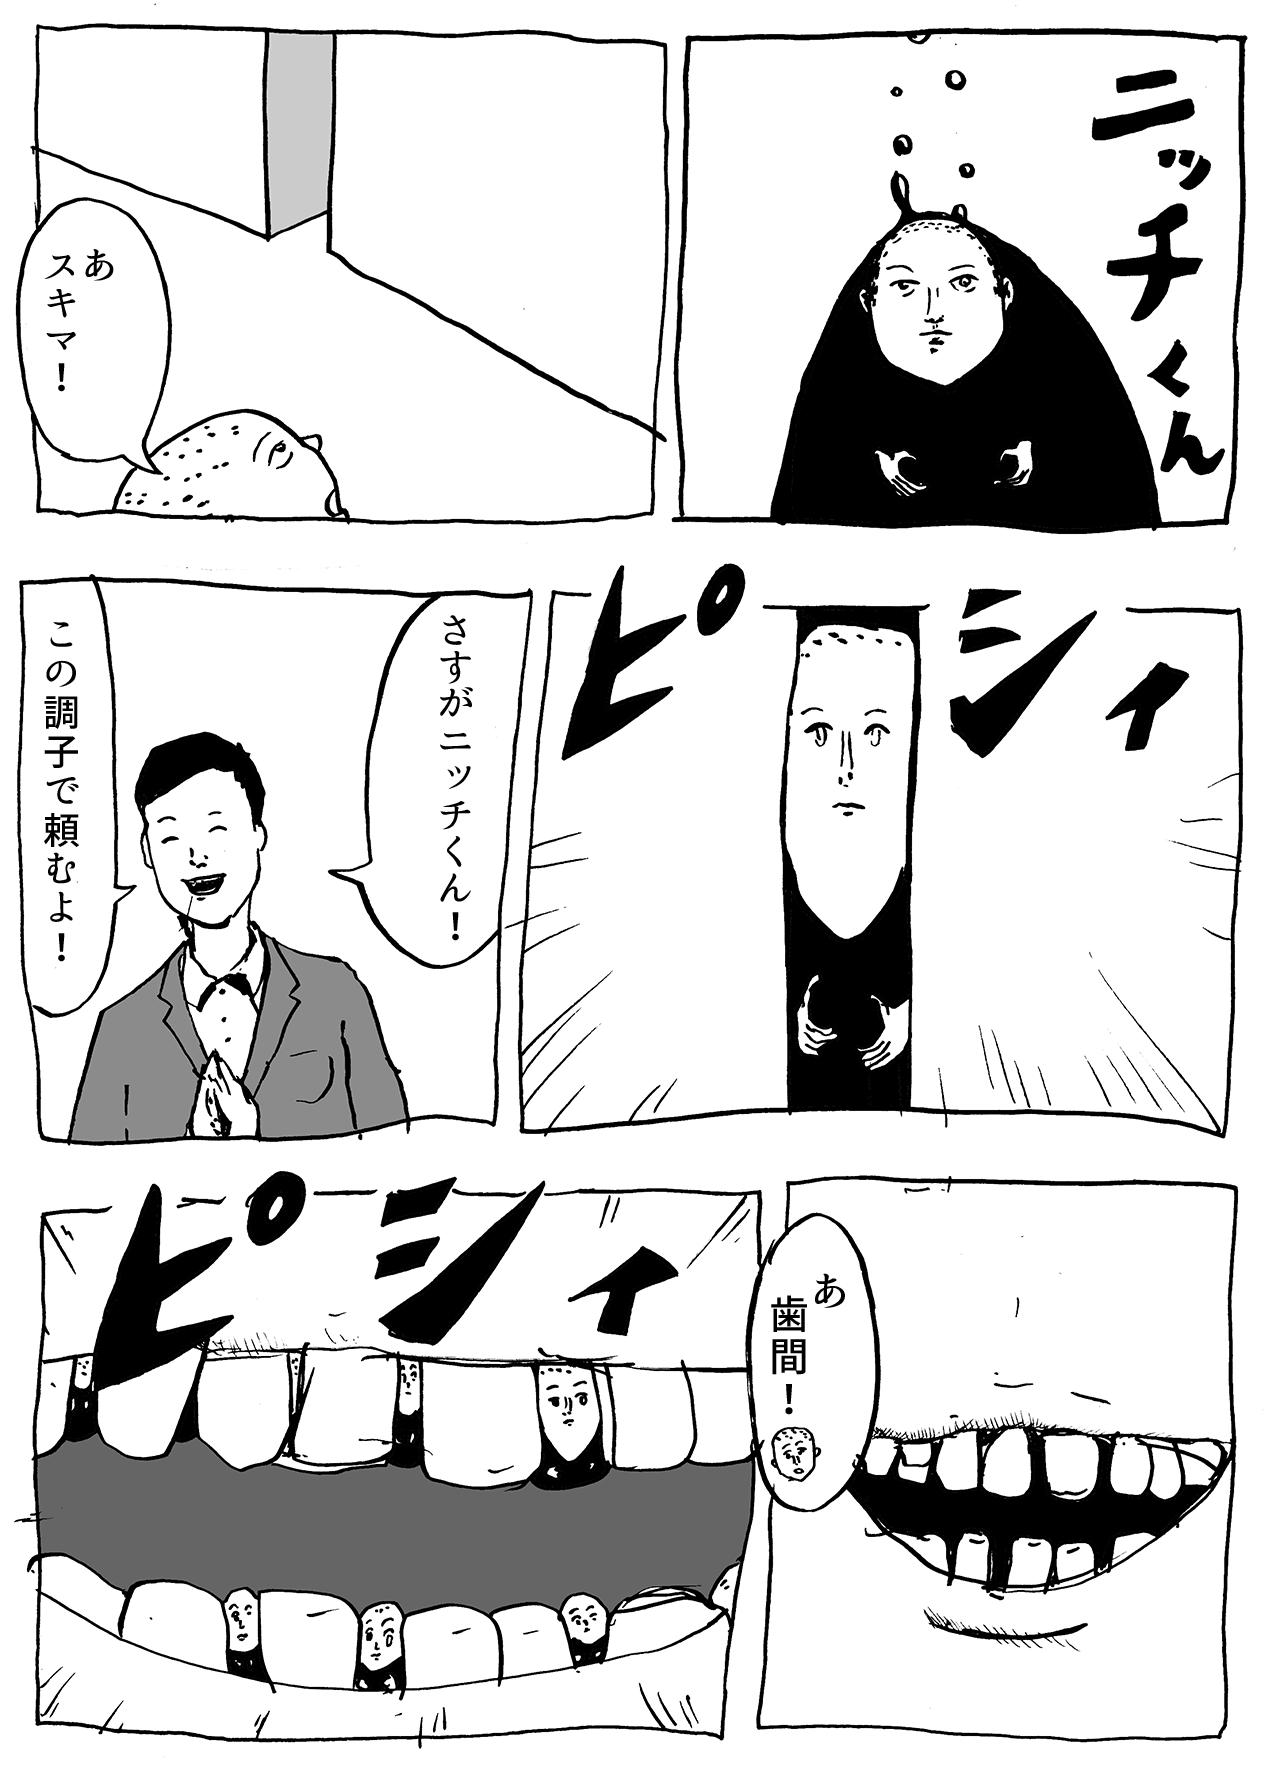 ニッチくん